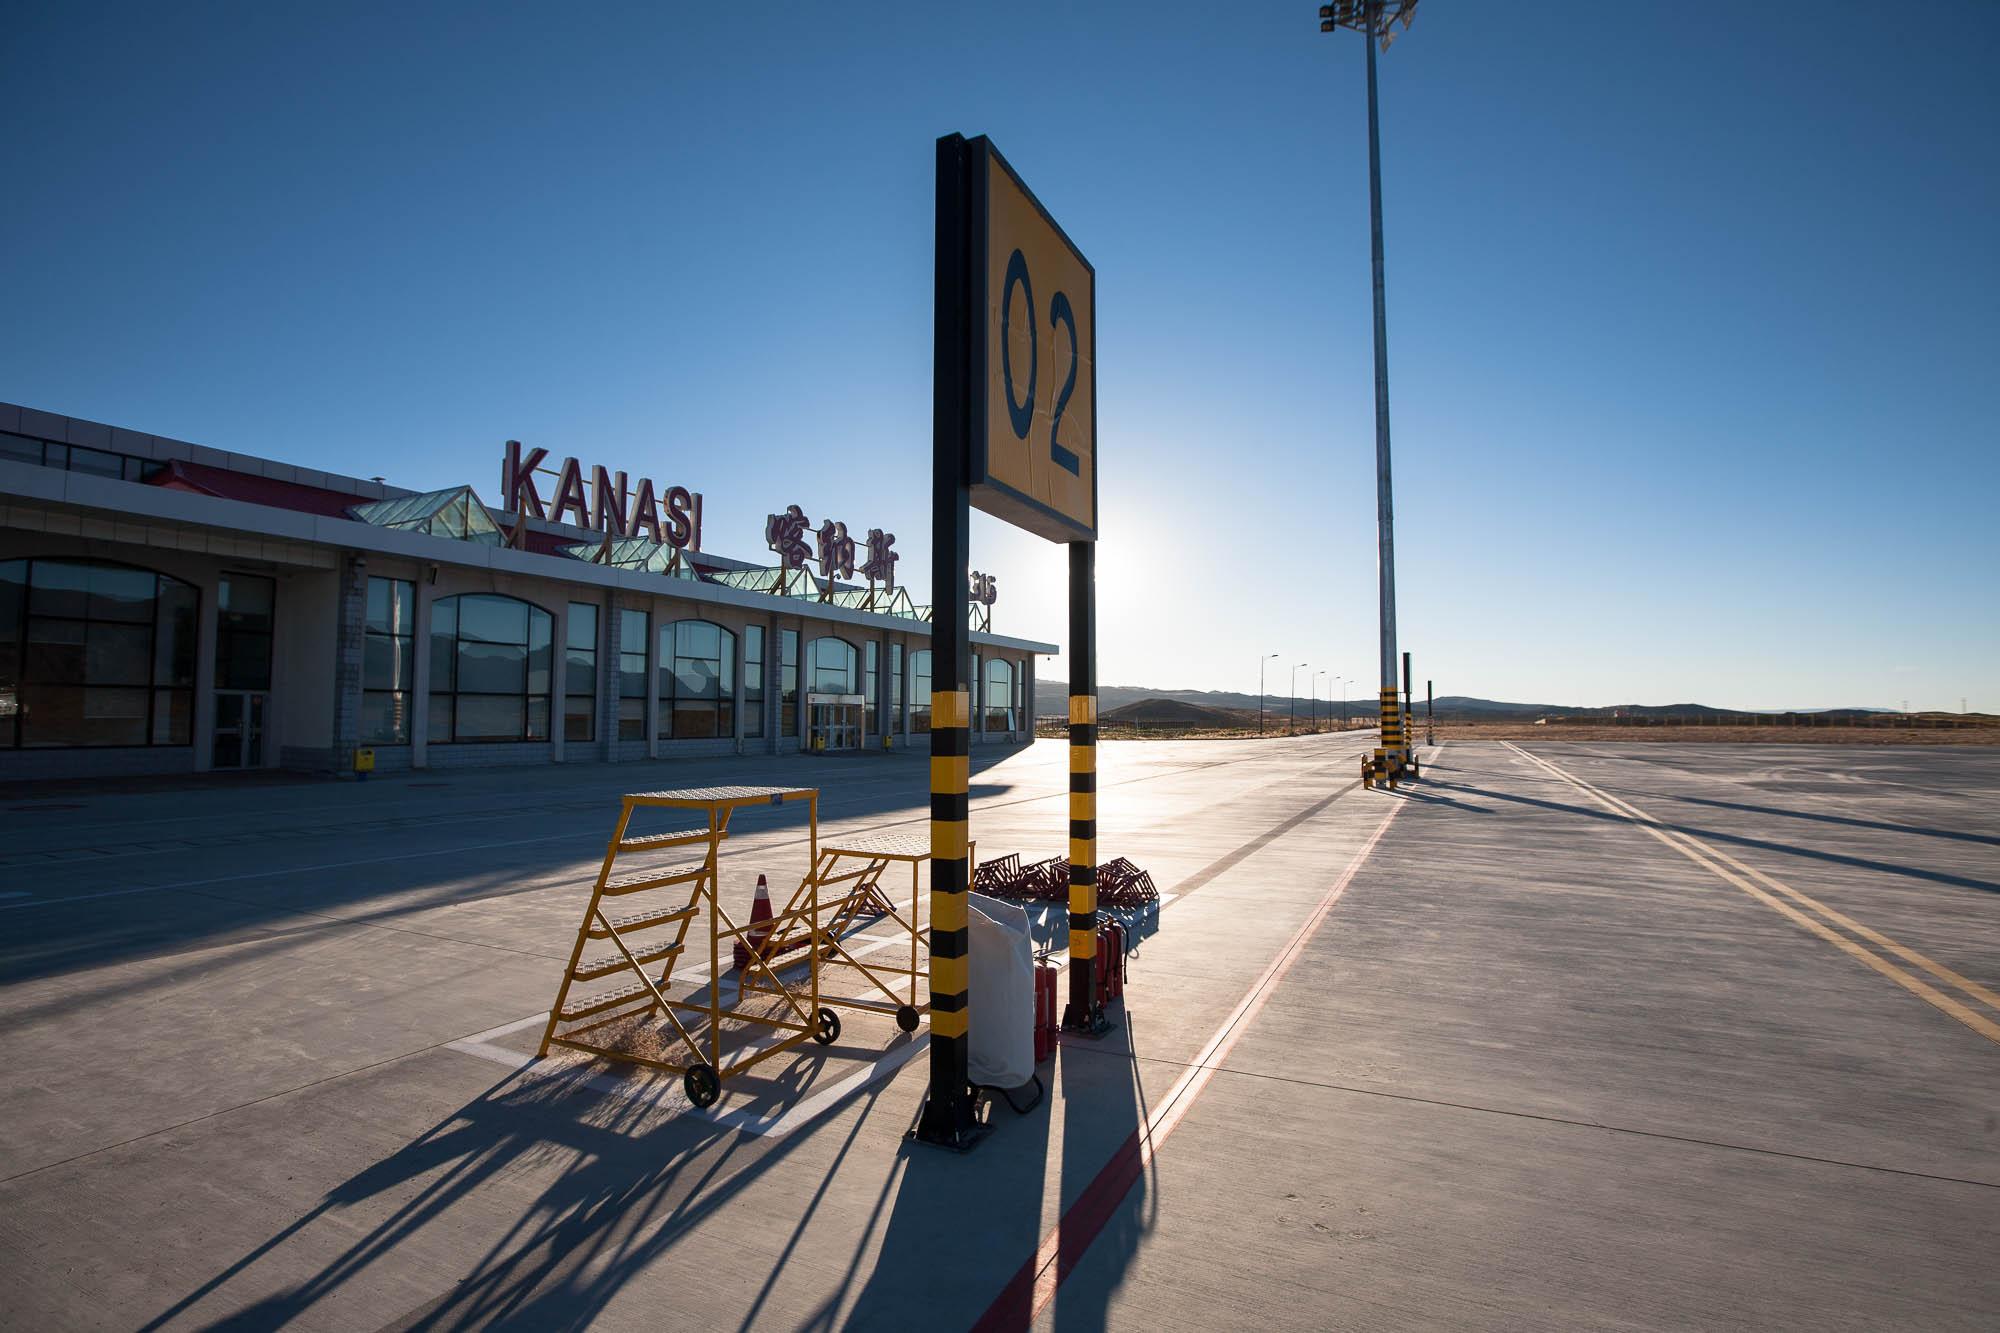 Kanas airport